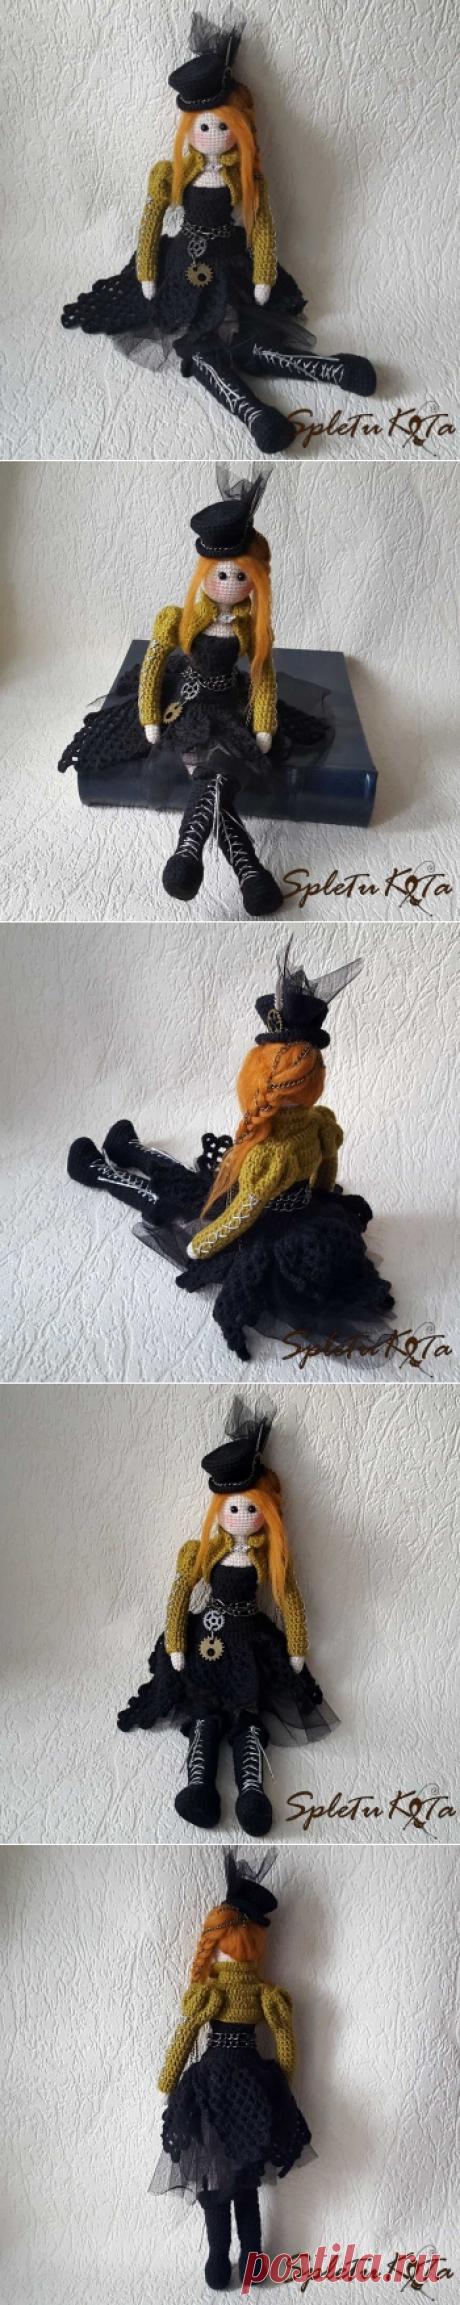 Интерьерная текстильная кукла Мэри. Ручная работа. В ней сочетаются, казалось бы, несочетаемые стили: тильда и стимпанк. Образ оригинальный и интересный. Яркая рыжеволосая красотка в шляпке-цилиндре, ботфортах на платформе, асимметричном платье разных текстур: крупная вязка и полупрозрачный шифон. Платье и шляпа декорированы цепочками и шестернями. Болеро оливкового цвета в викторианском стиле с воротником-стойкой и рукавами буфами, а также вплетенные в волосы цепочки дополняют образ стимпанк.